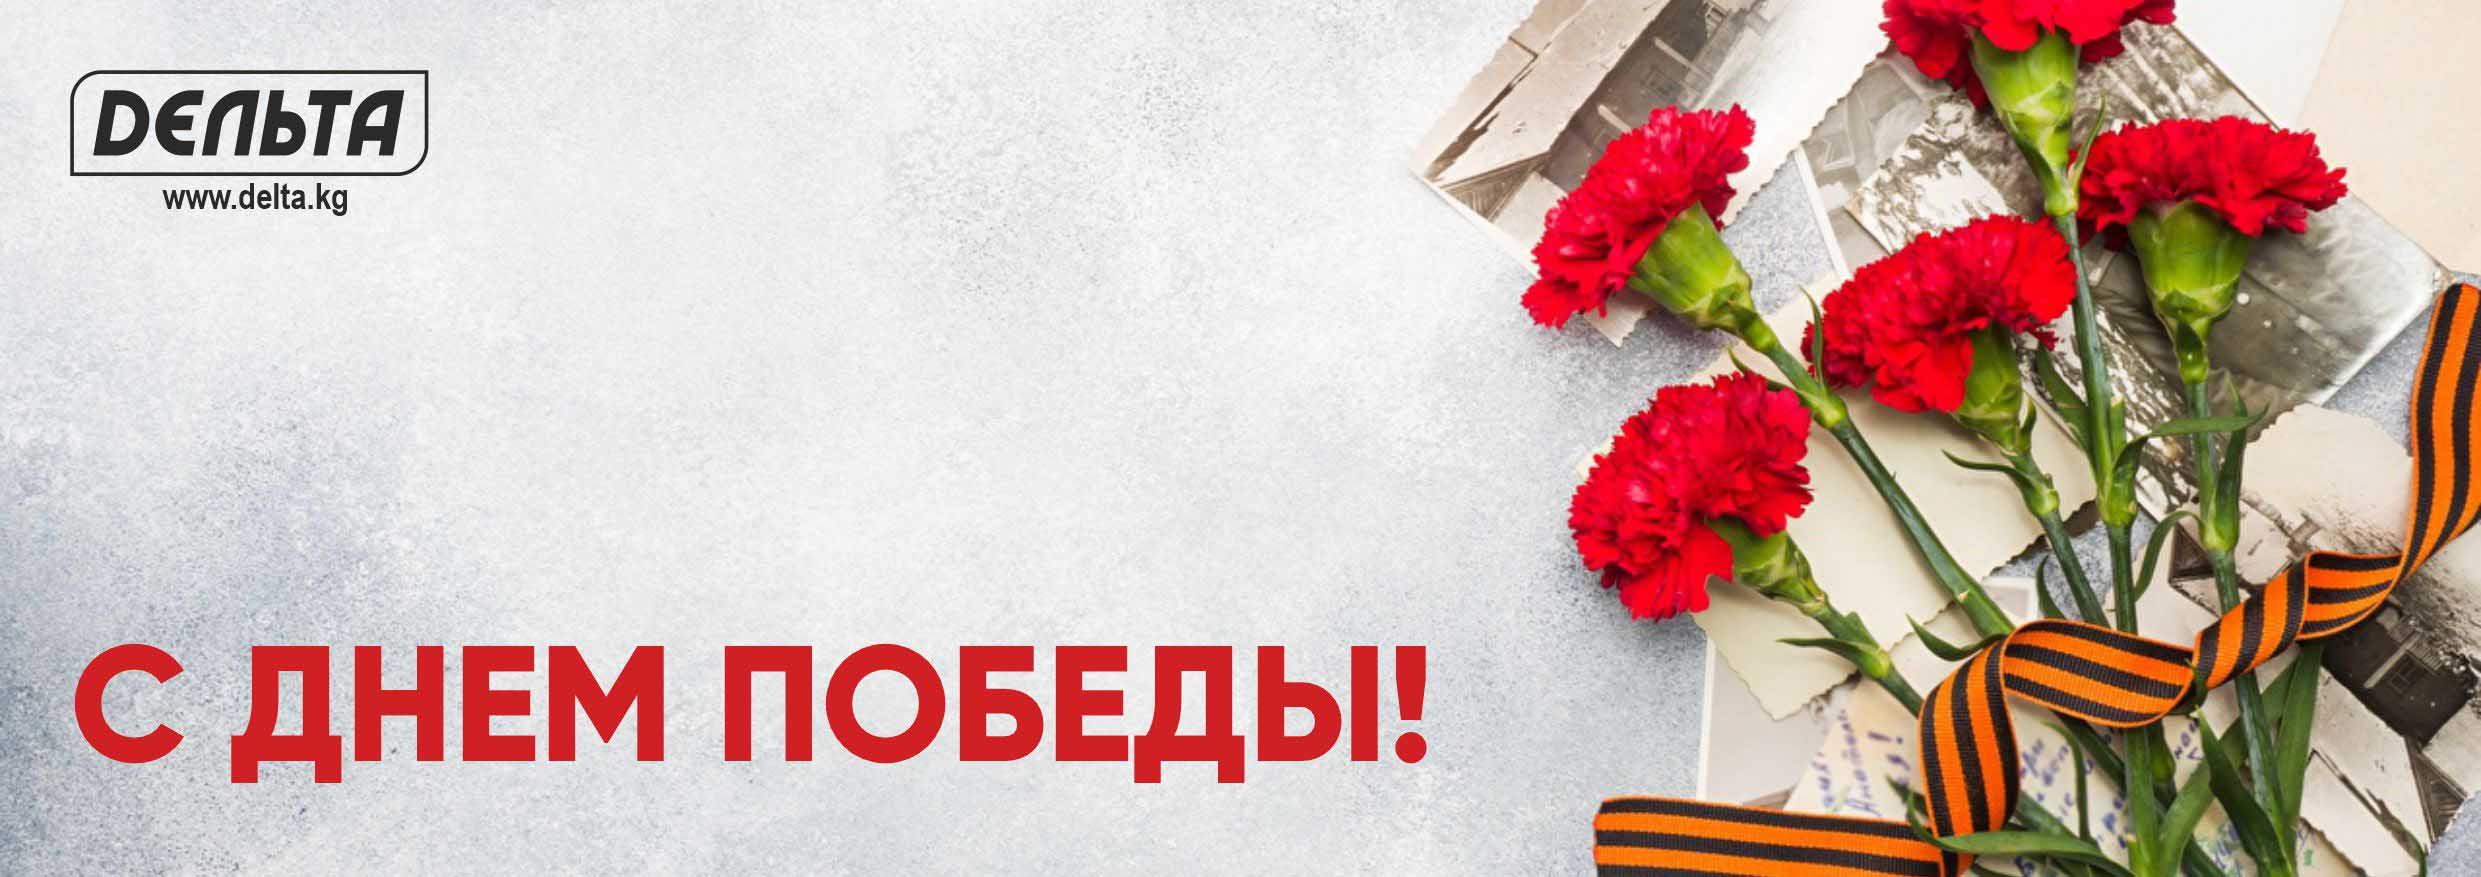 Поздравляем с величайшим праздником - с Днем Победы